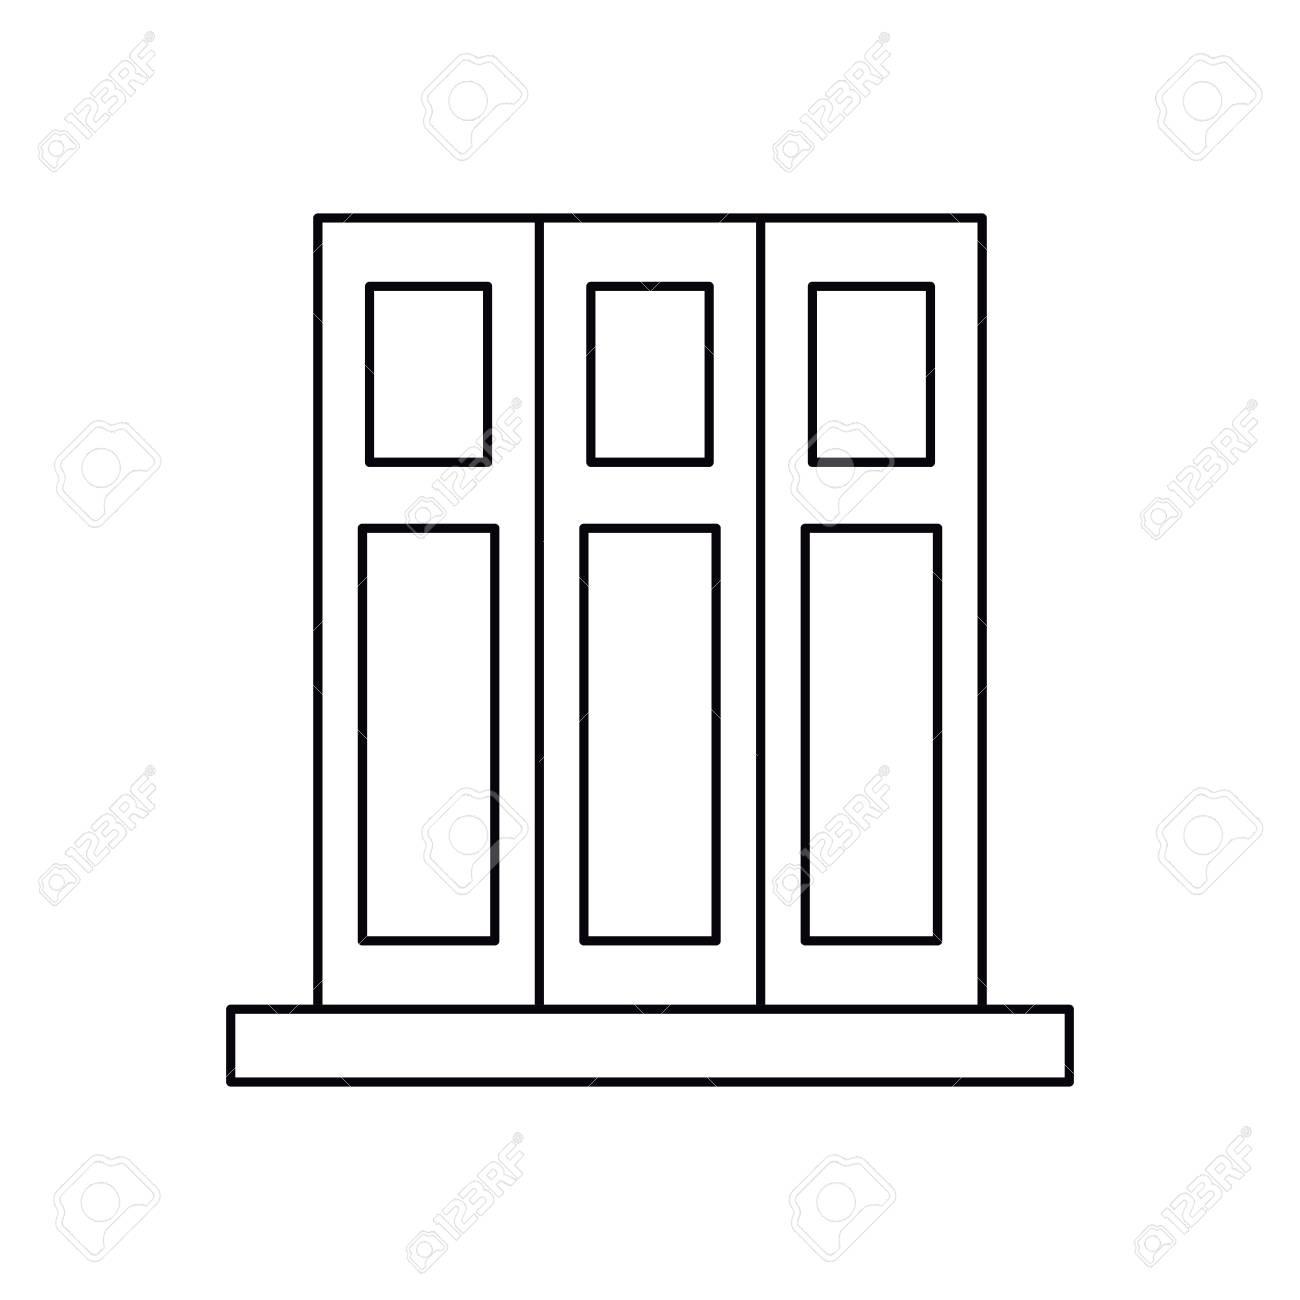 Piktogramm Gesetzt Buch Ordner Buro Design Elemente Vektor